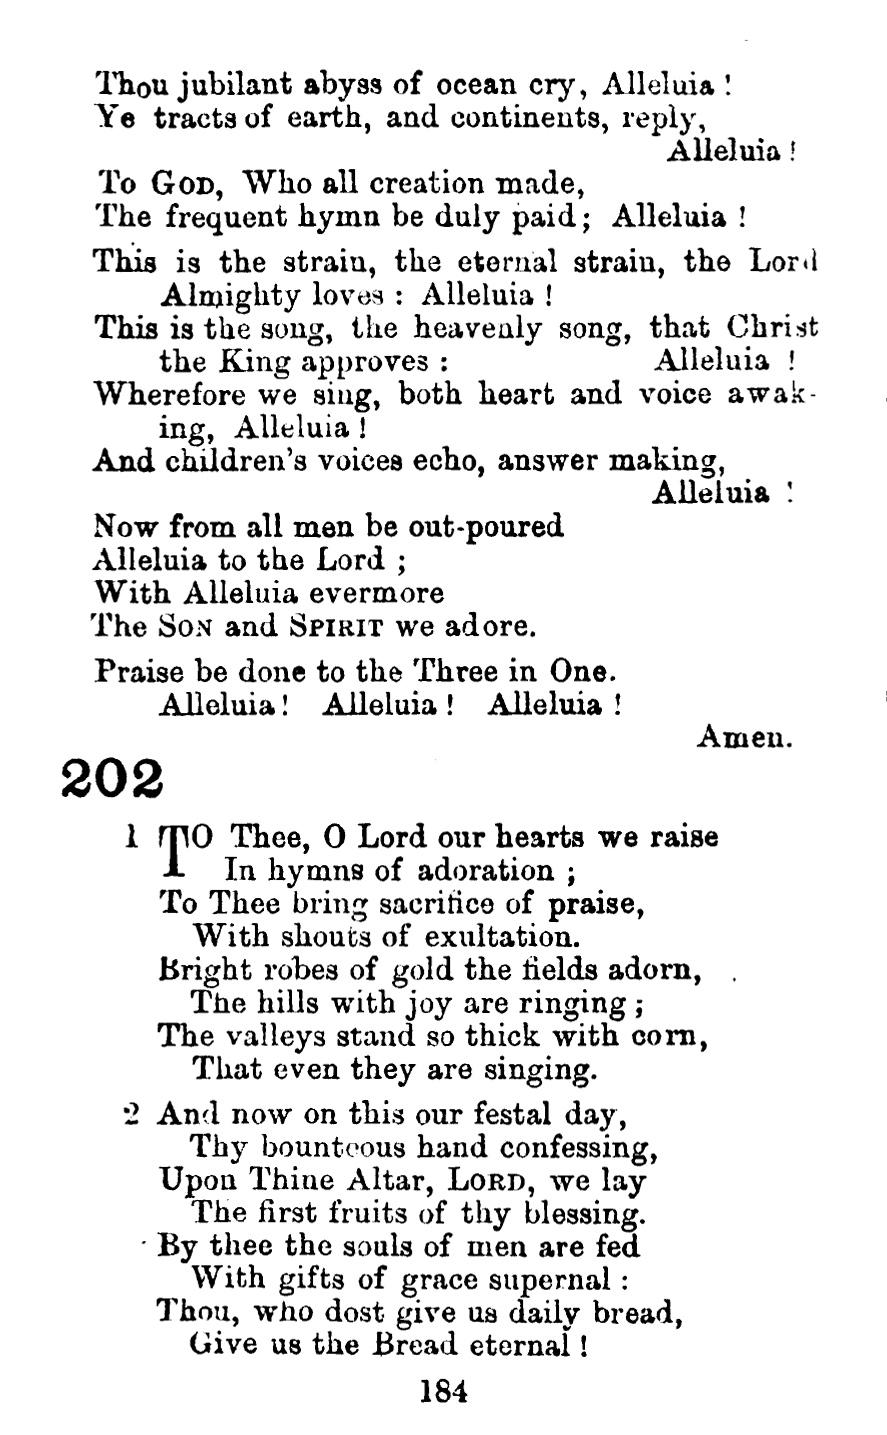 HymnsfortheServicesoftheChurch_1864_199.jpg